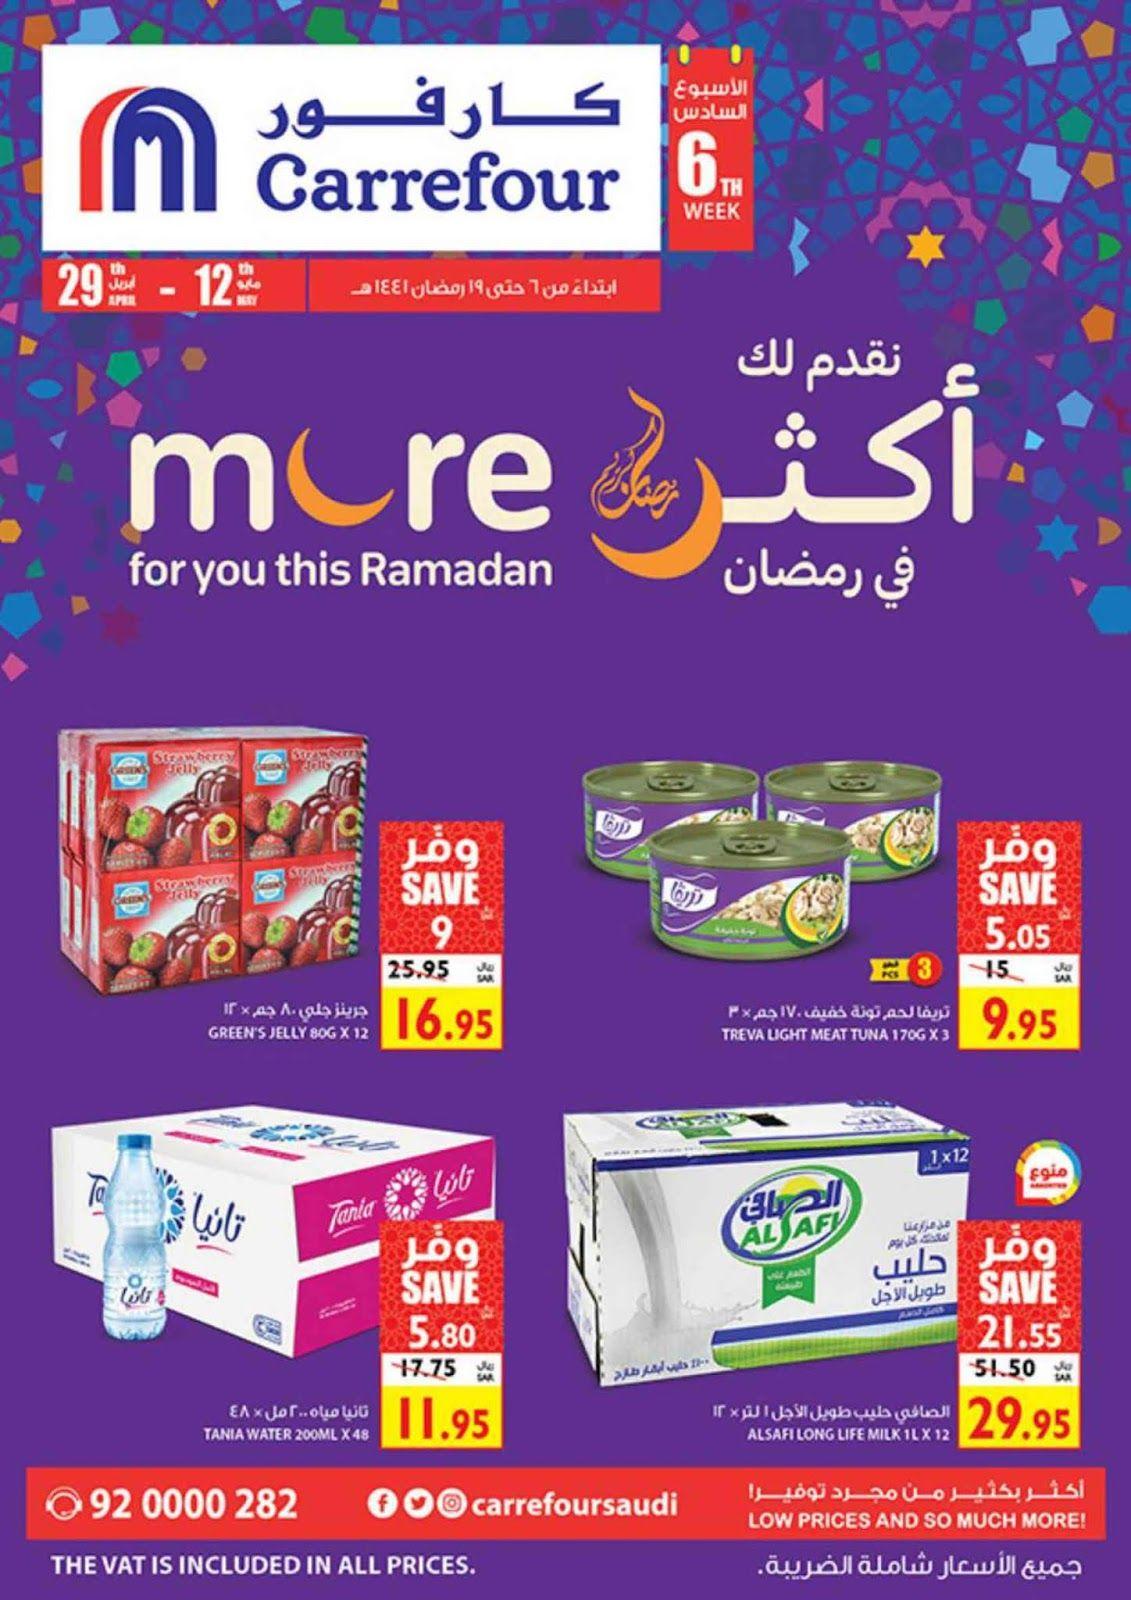 عروض سعودية عروض كارفور السعودية الاسبوعية اليوم 9 رمضان 1441 Ramadan Personal Care Carrefour